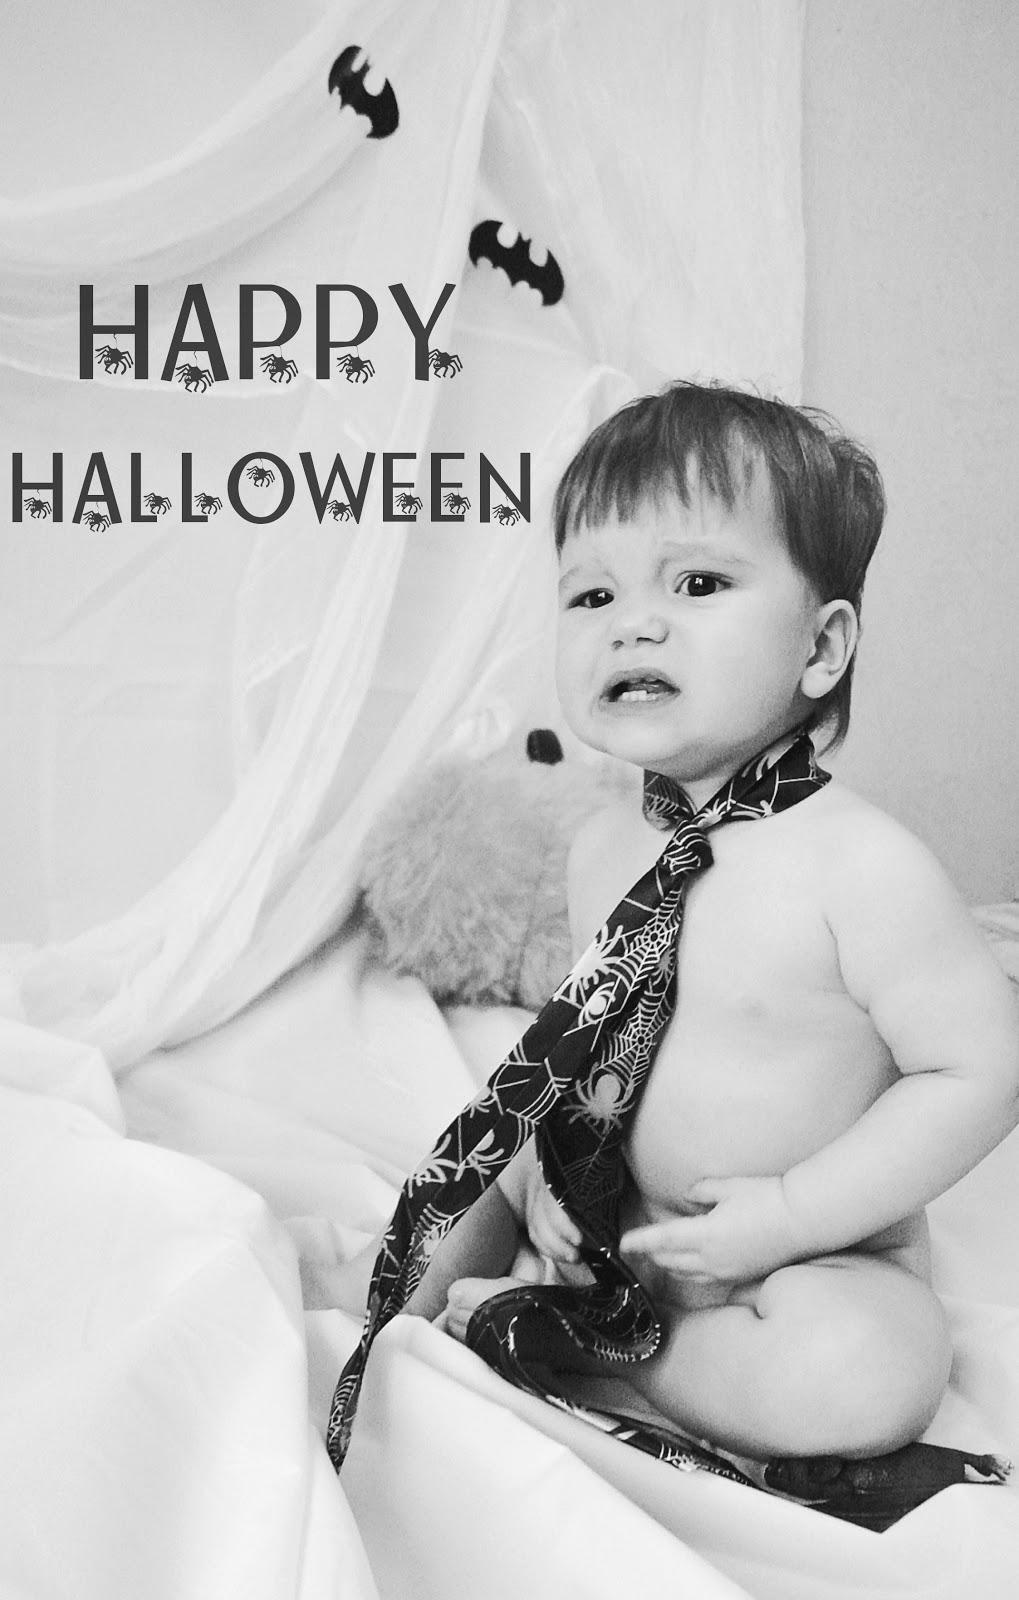 Хэллоуин: как украсить дом. Или моя подготовка к празднику.